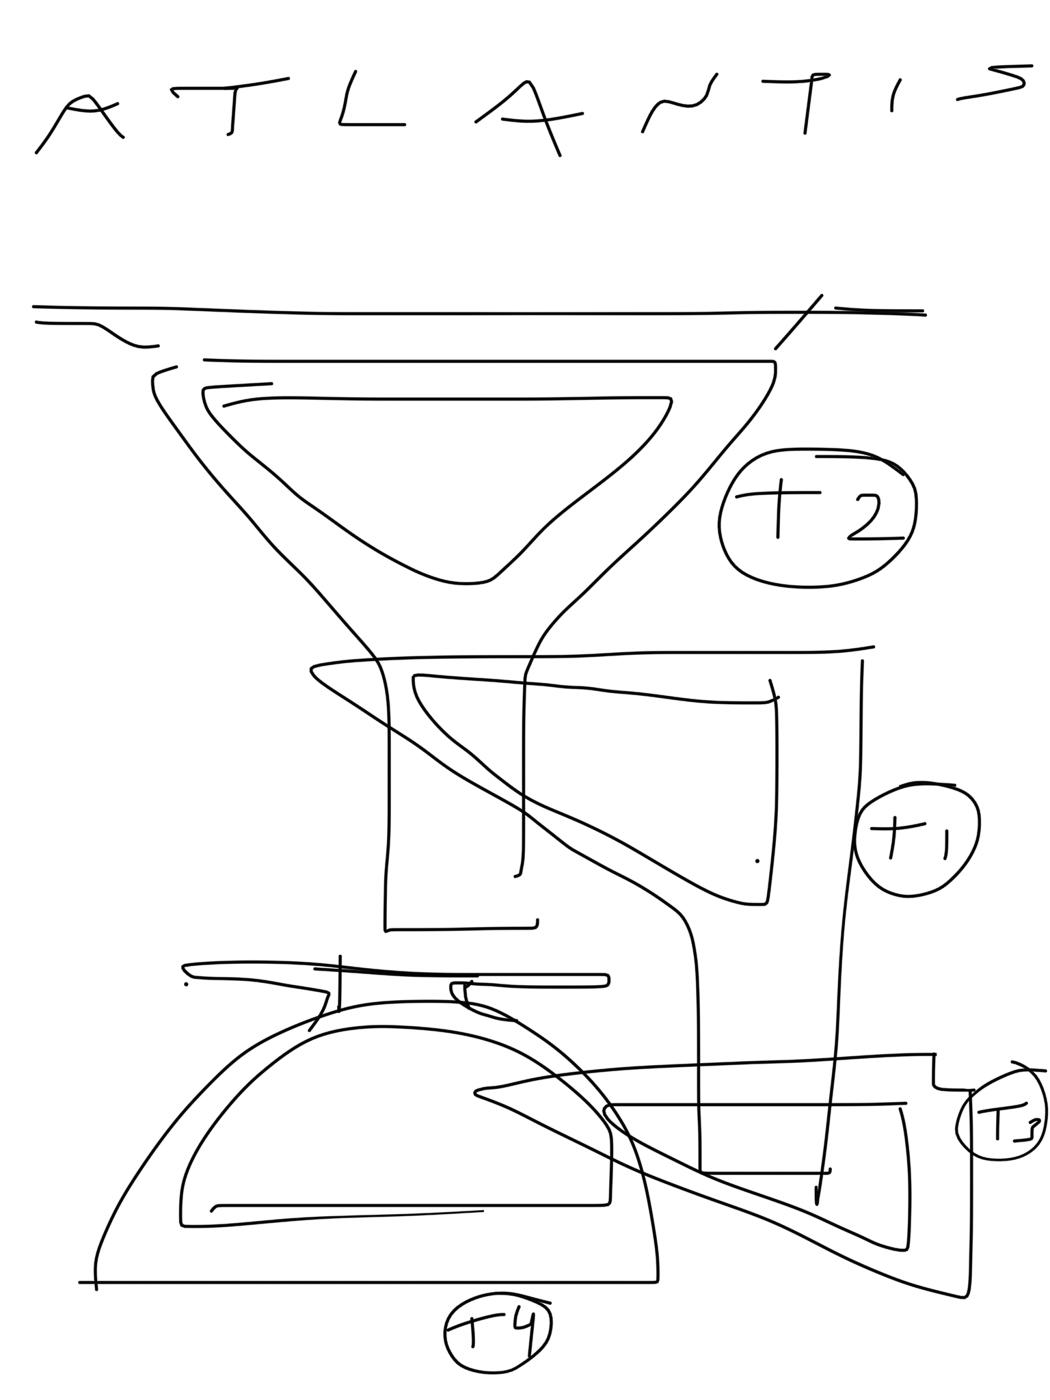 Sketch-438.jpg